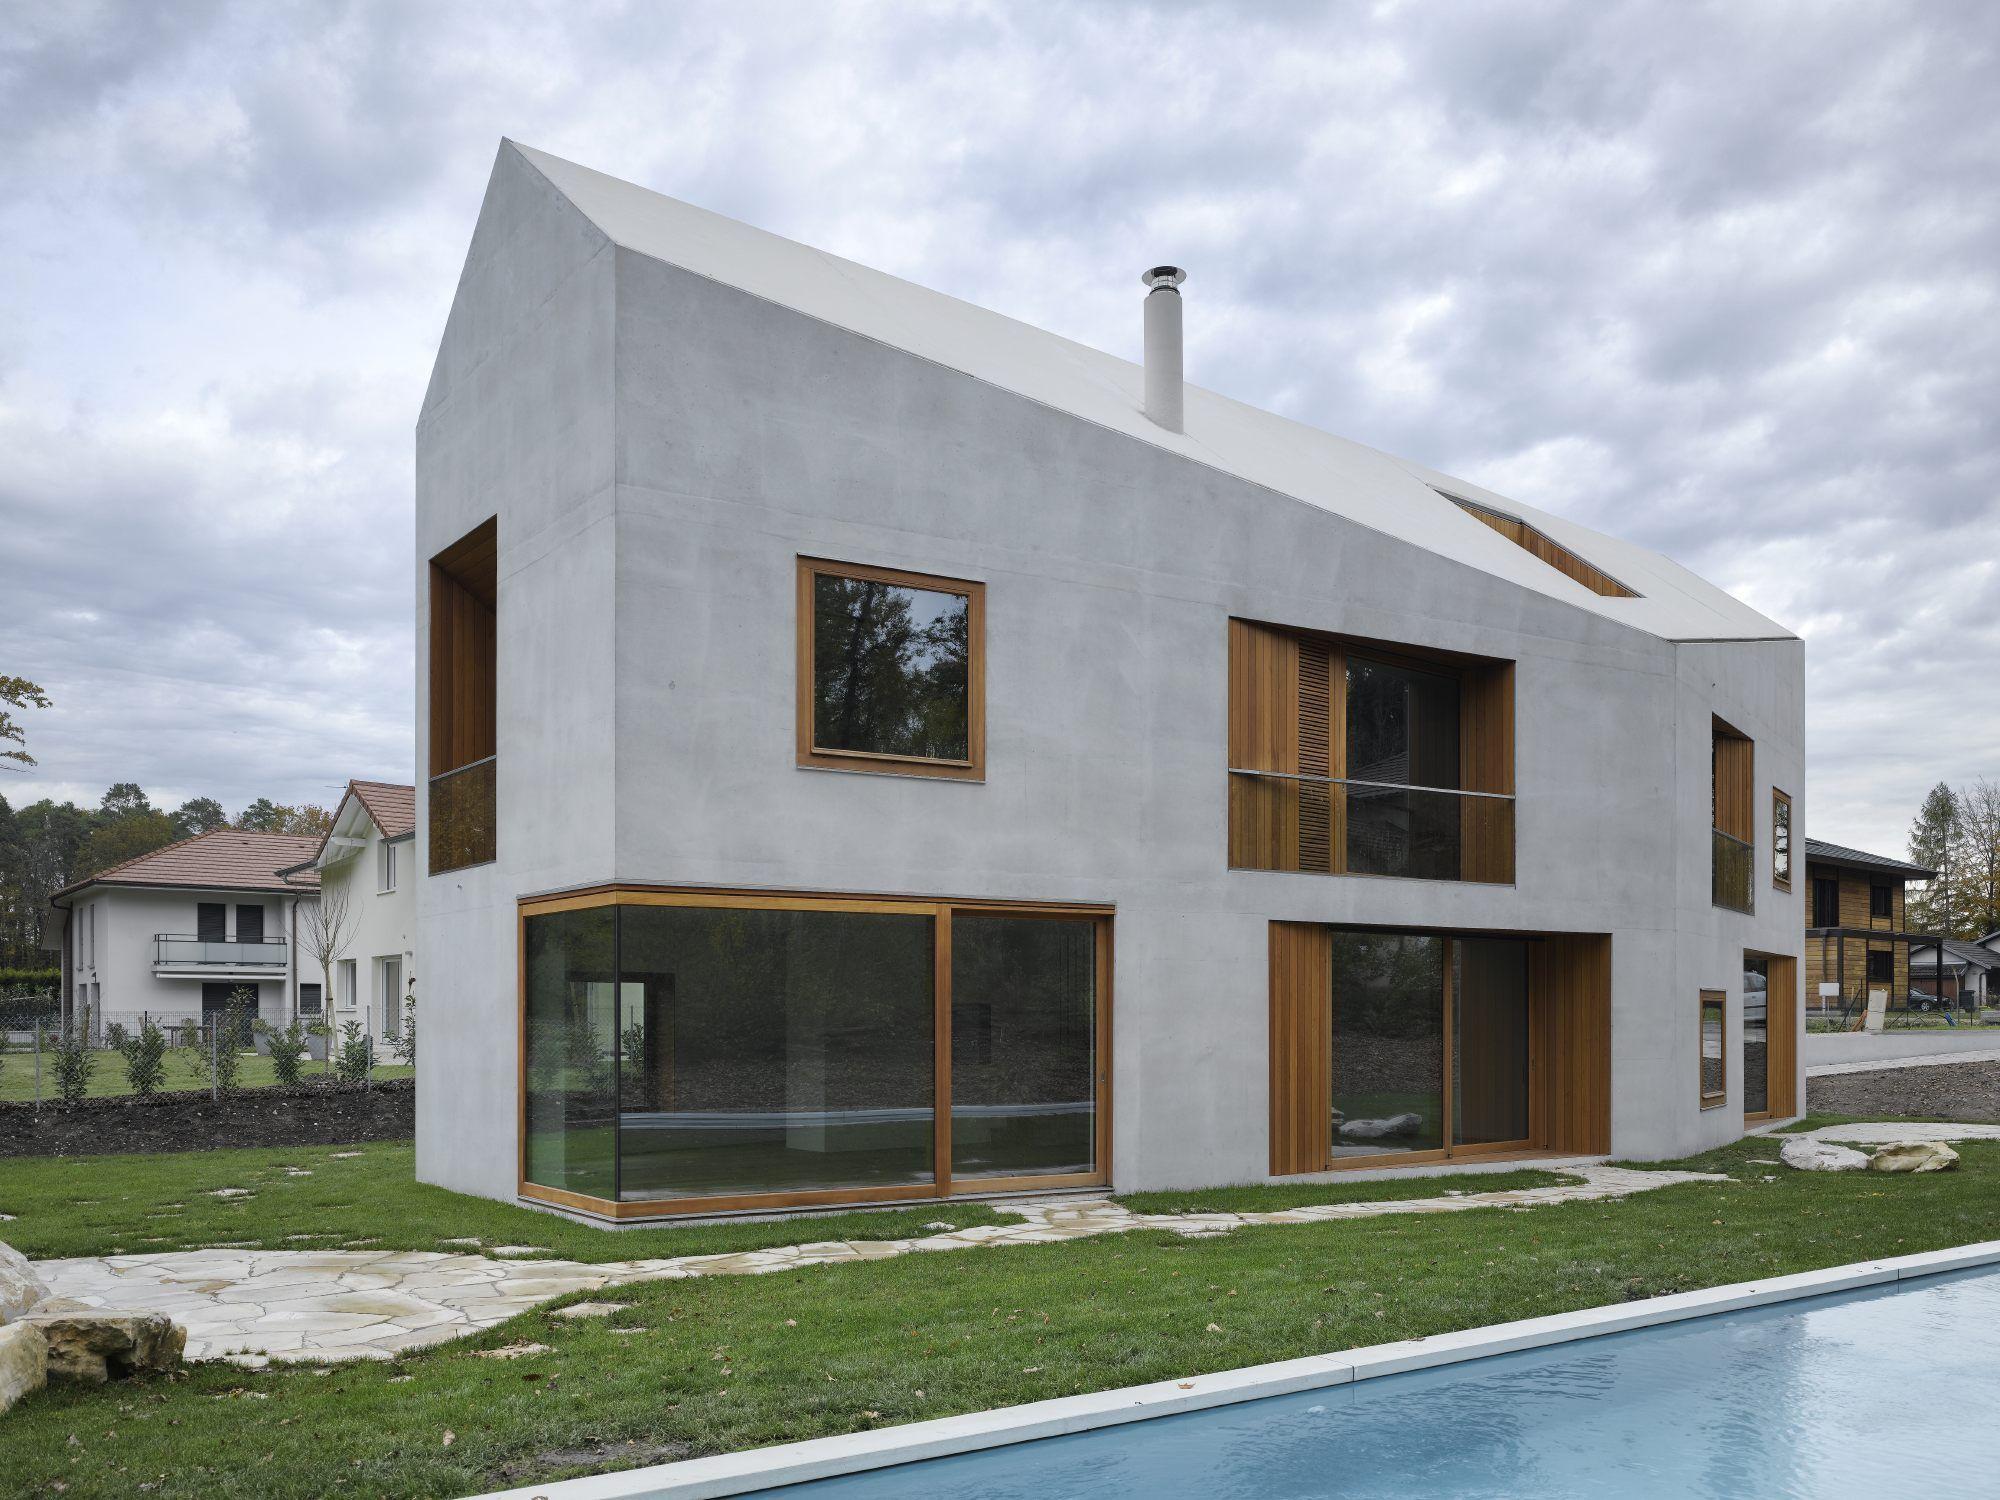 Moderne fassaden einfamilienhäuser satteldach  Satteldach aus Beton - Villa in Genf | Satteldach, Architektur und ...